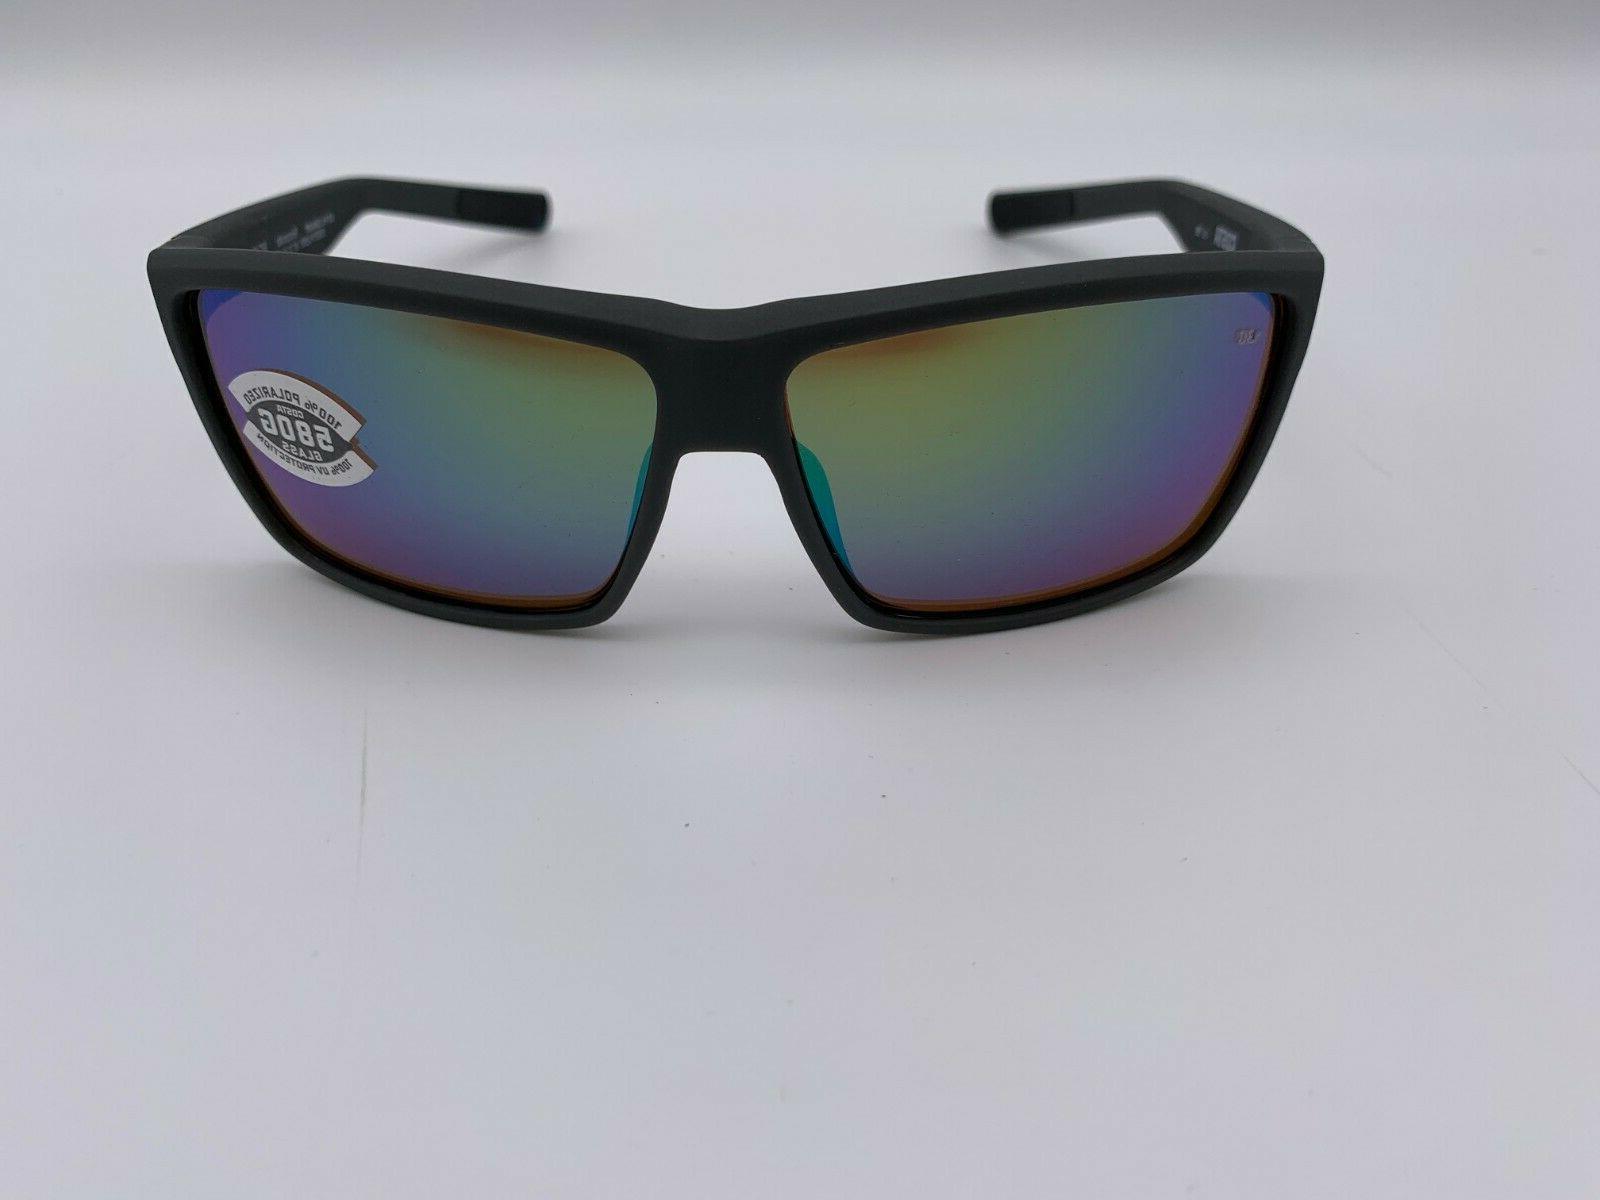 new rinconcito polarized sunglasses gray green glass